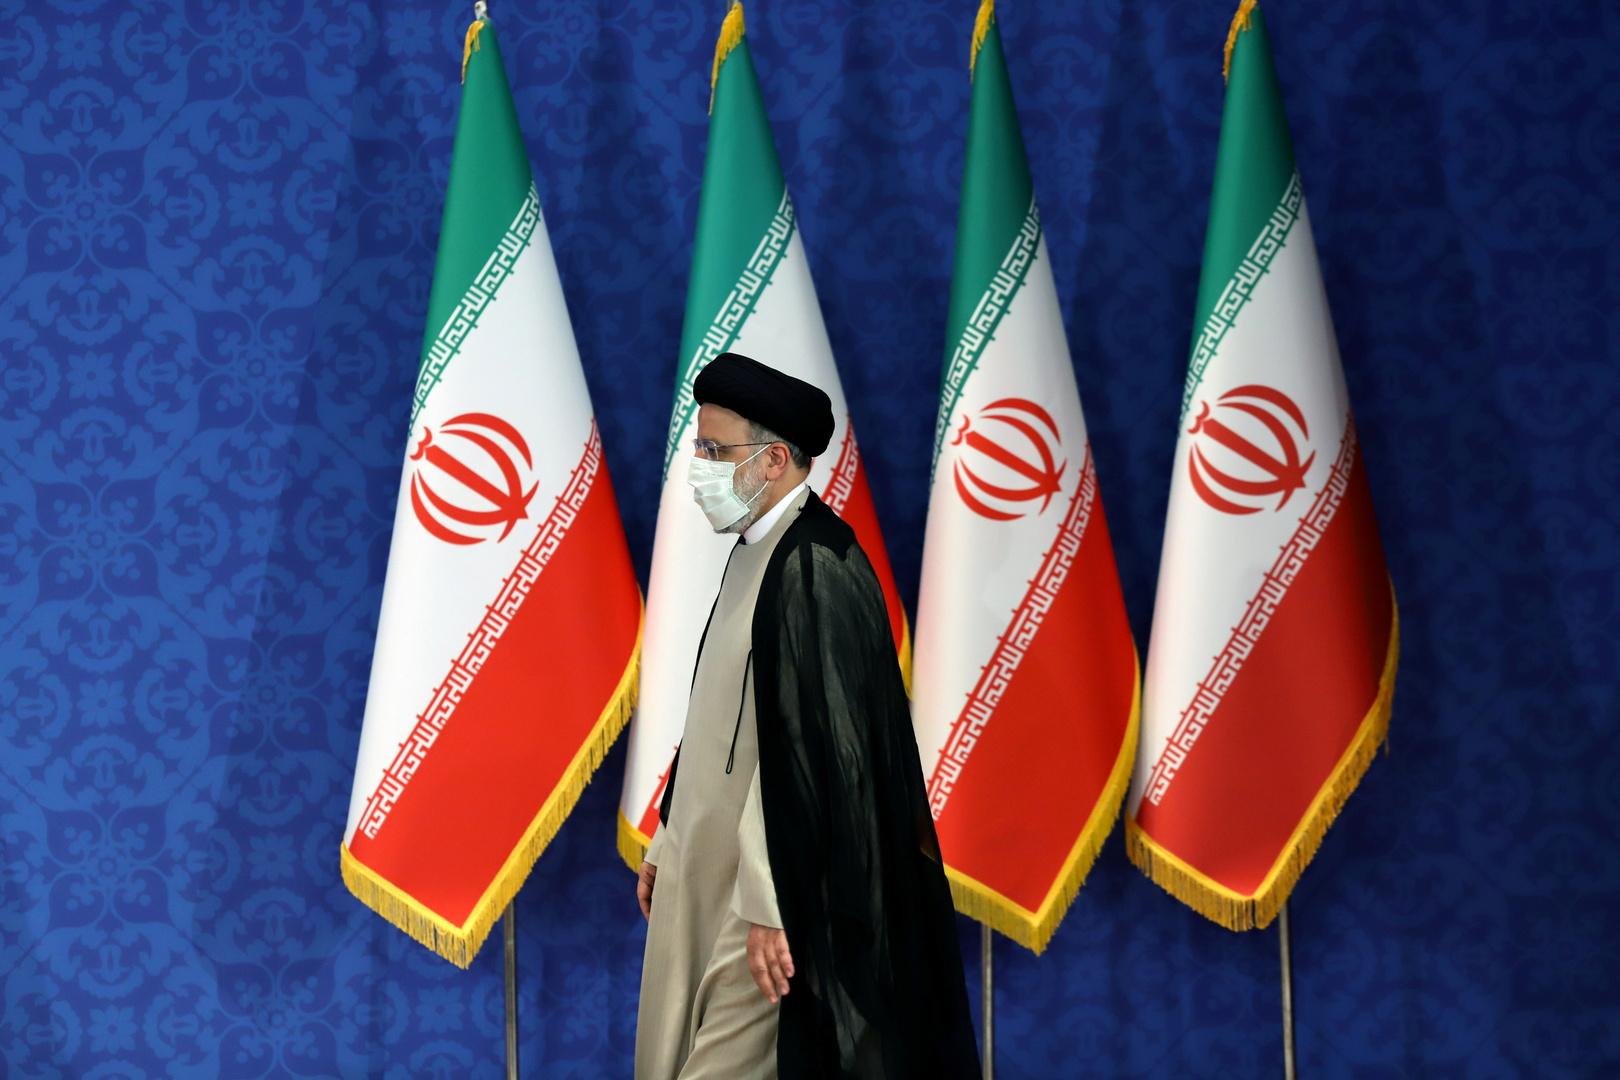 رئيسي: لا مانع أمام إعادة فتح السفارة السعودية لدى طهران ويجب إيقاف الحرب في اليمن بشكل عاجل